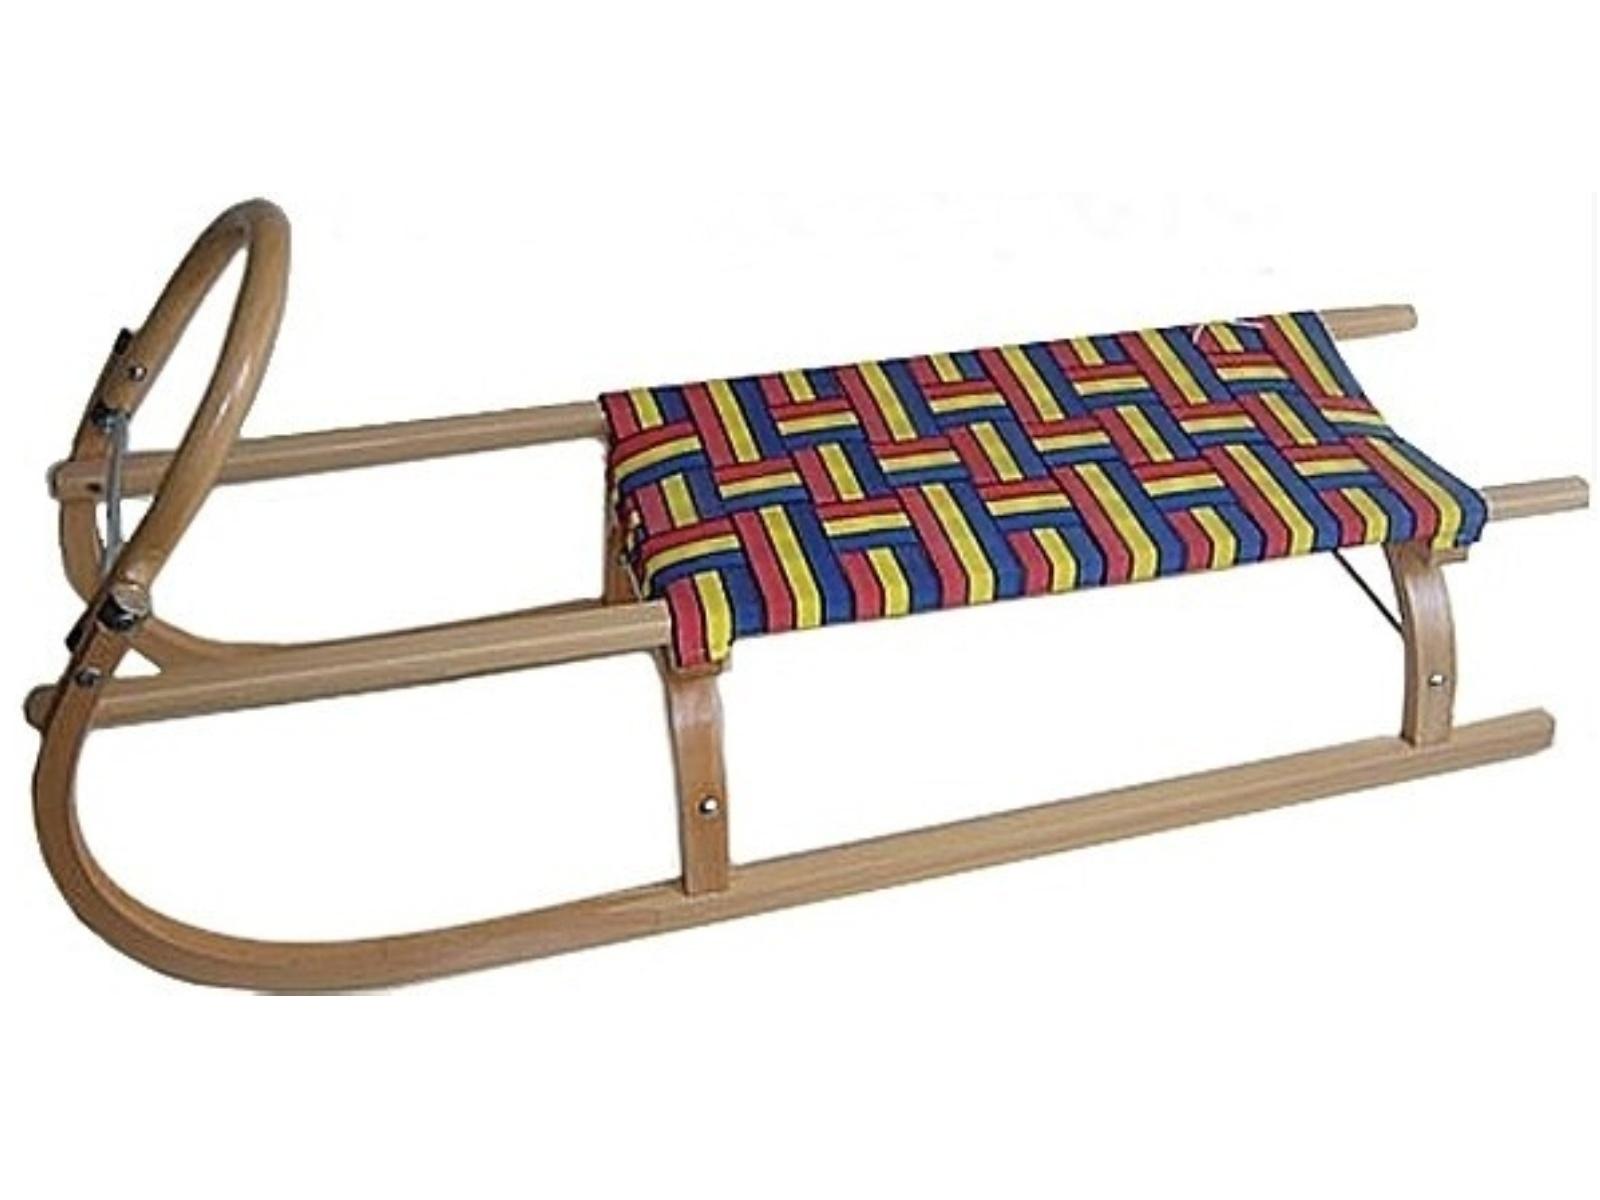 Sáně dřevěné SULOV délka 95 cm